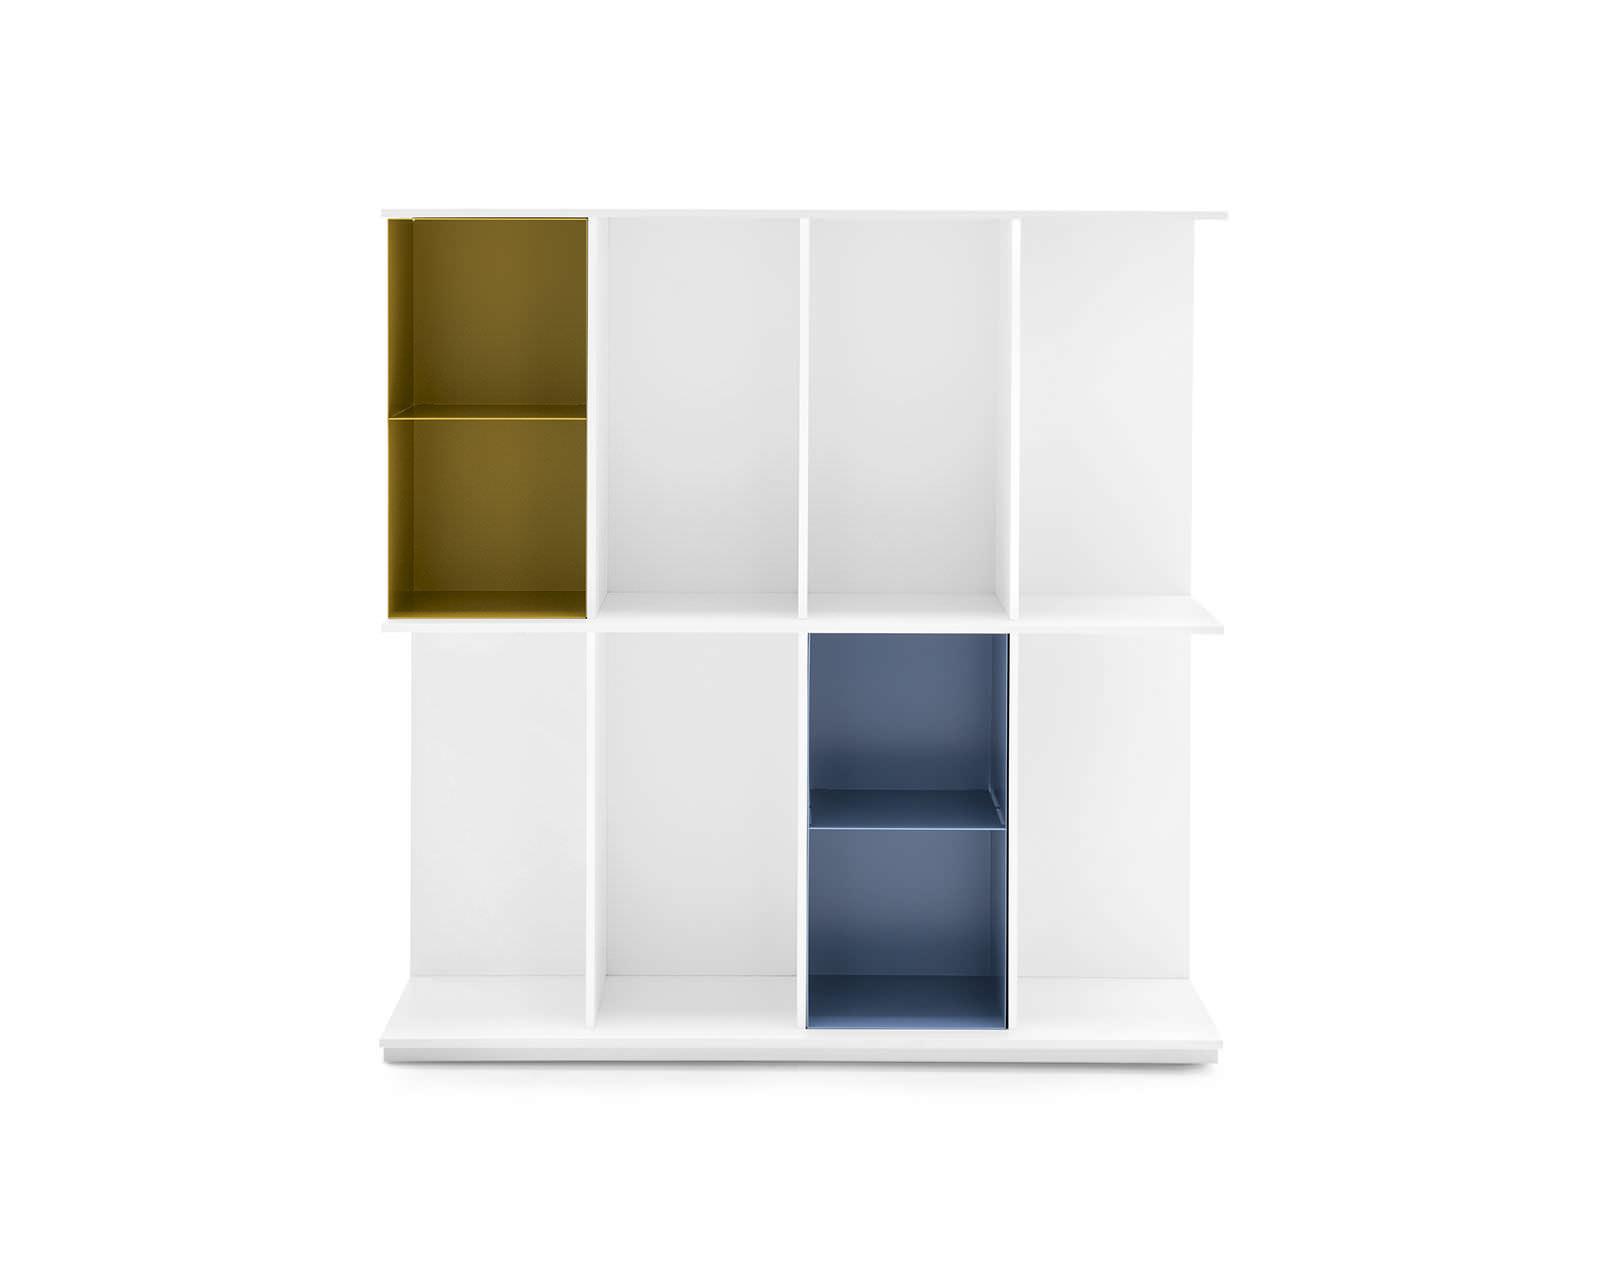 Libreria Ufficio Bassa : Libreria bassa moderna per ufficio in mdf division by design